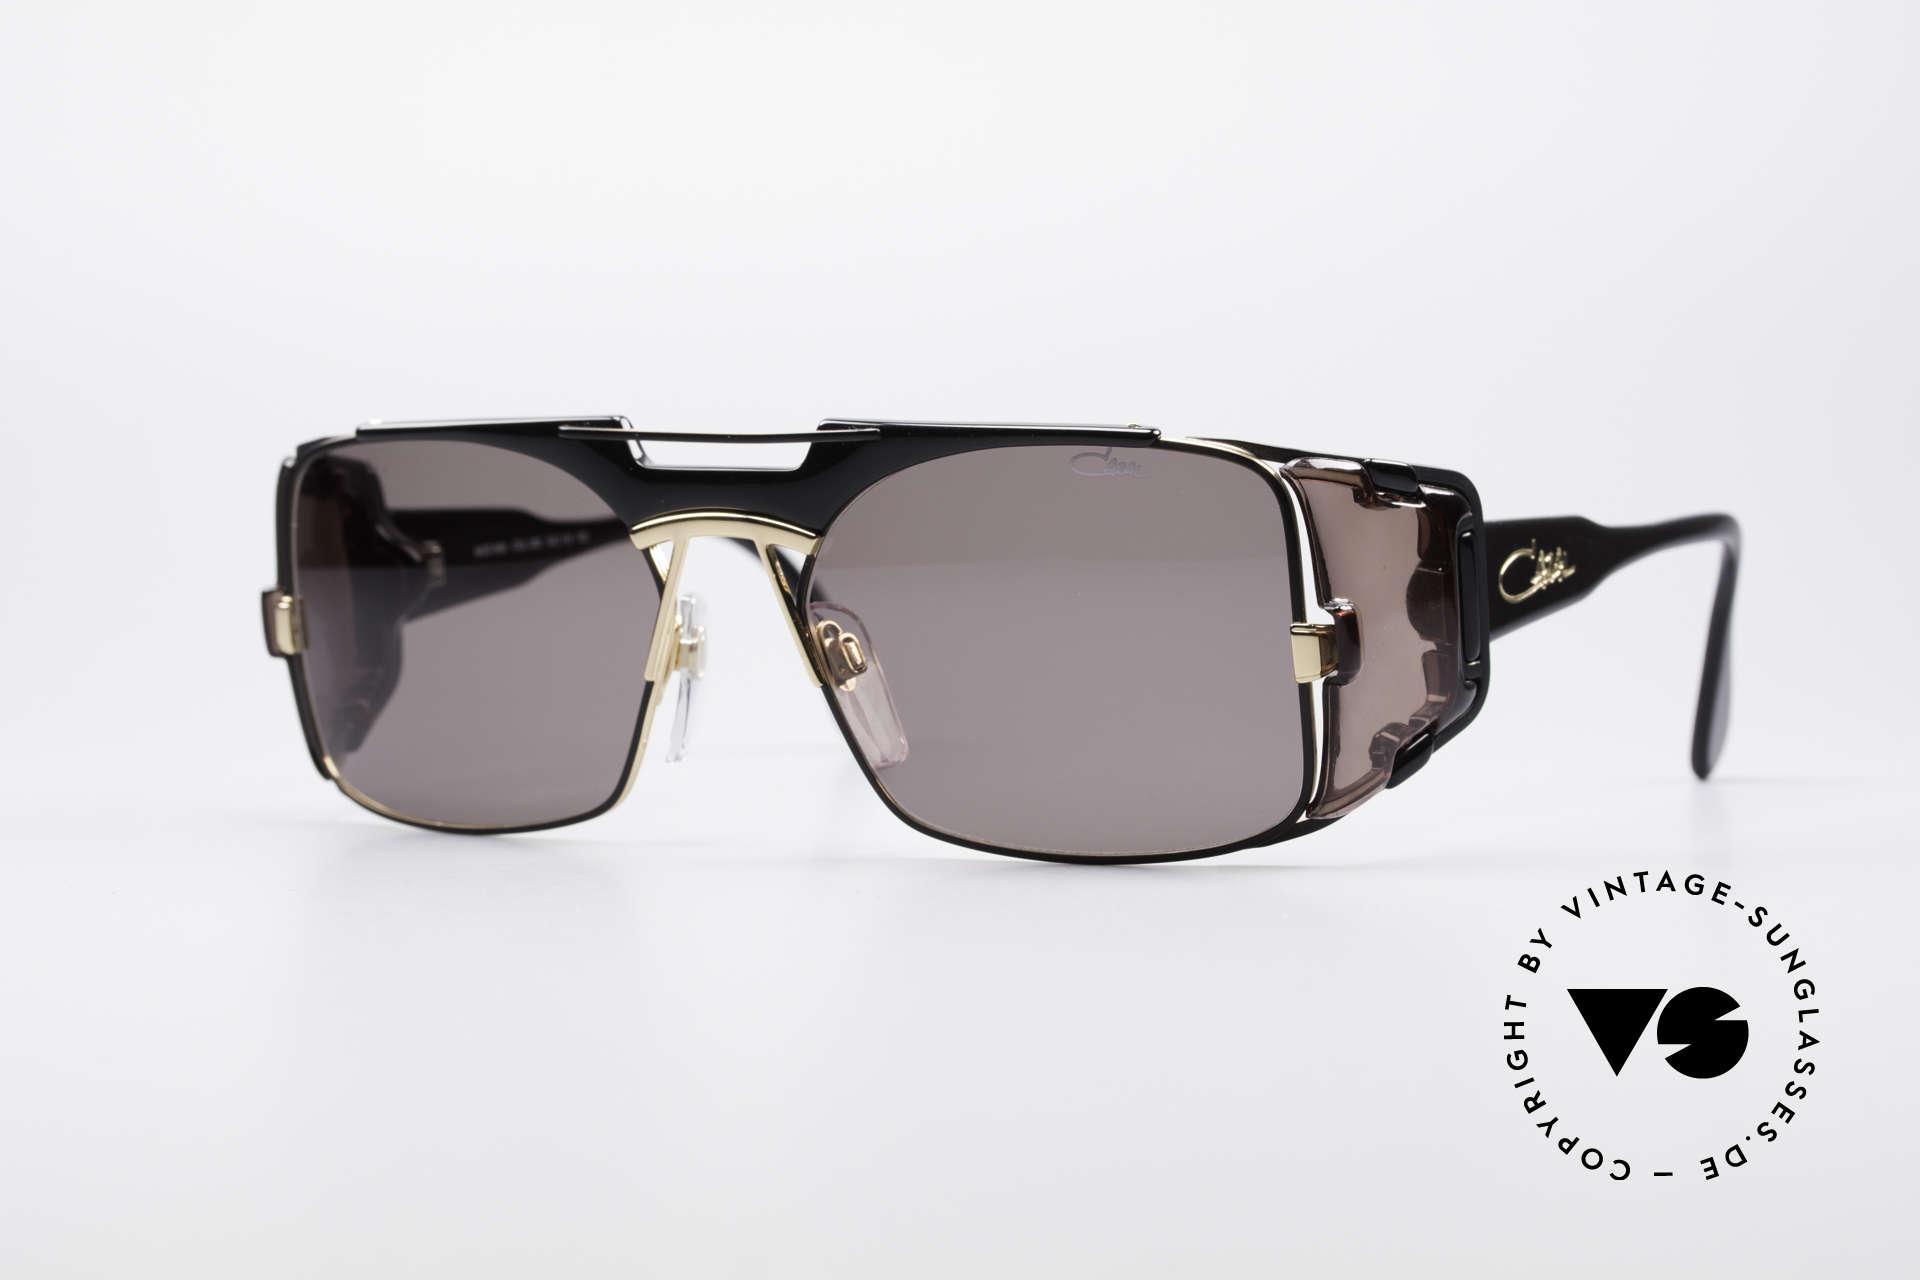 Cazal 963 Old School Hip Hop Brille, extravagante VINTAGE CAZAL Designer-Sonnenbrille, Passend für Herren und Damen